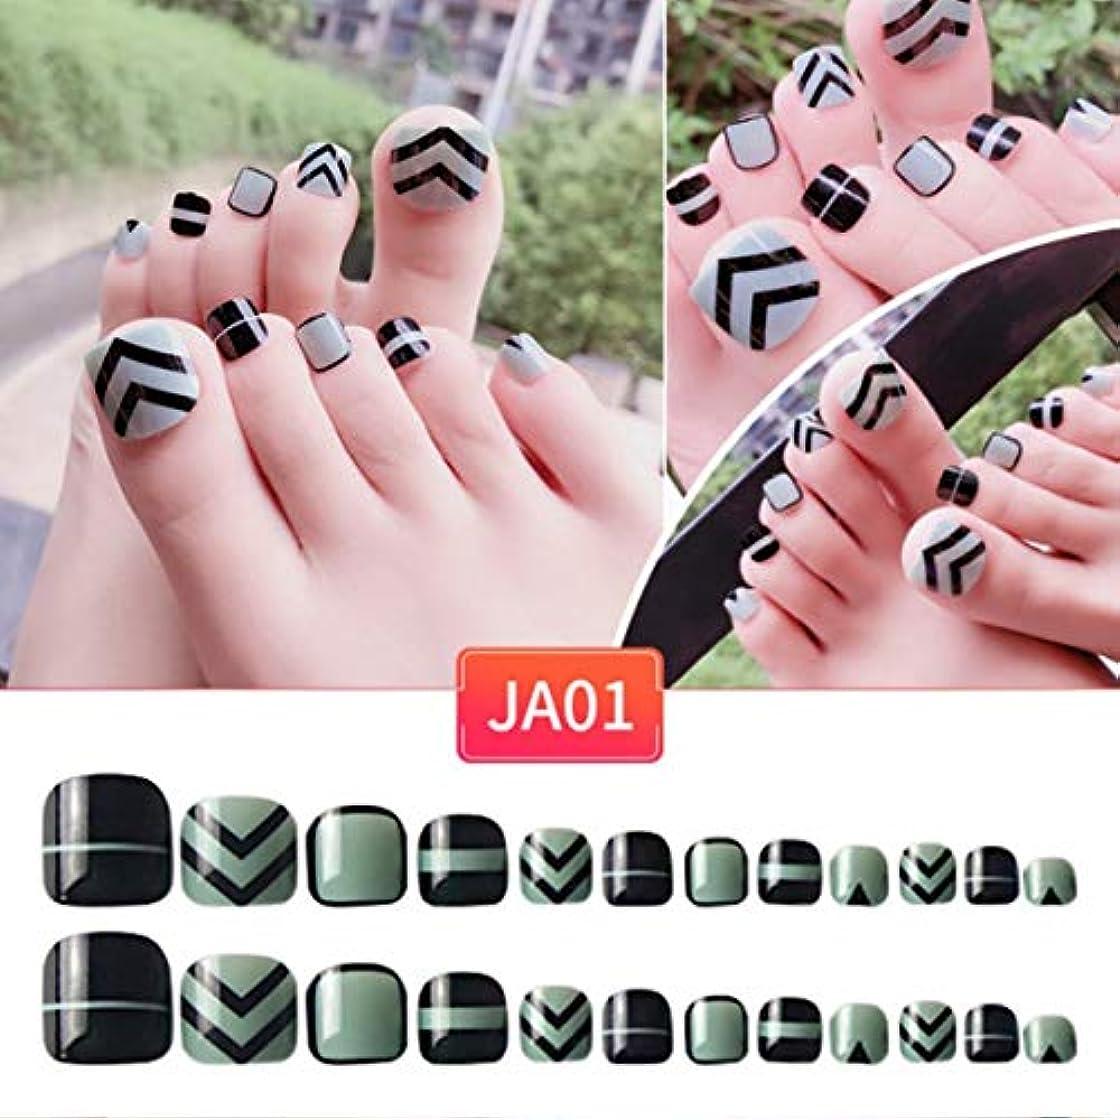 厚さコンピューターゲームをプレイする市区町村足ネイルステッカーアクリル偽足ネイル偽のネイルアートの指の爪フルヒットソリッドネイルパッチのステッカー(1)